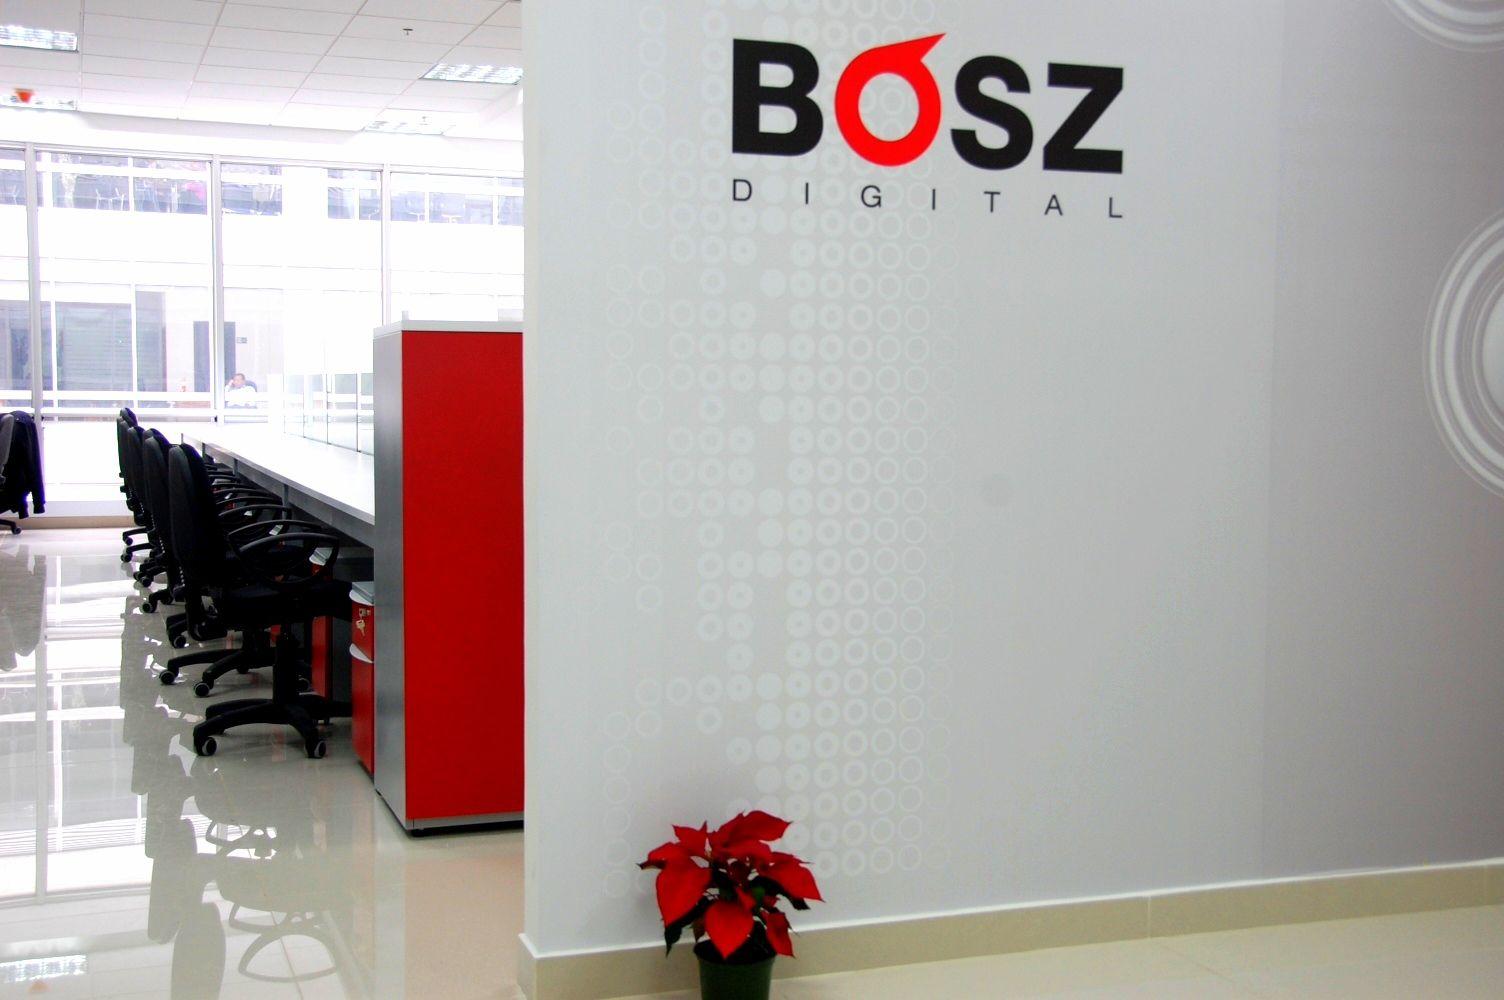 Nos gusto mucho trabajar con BOSZ